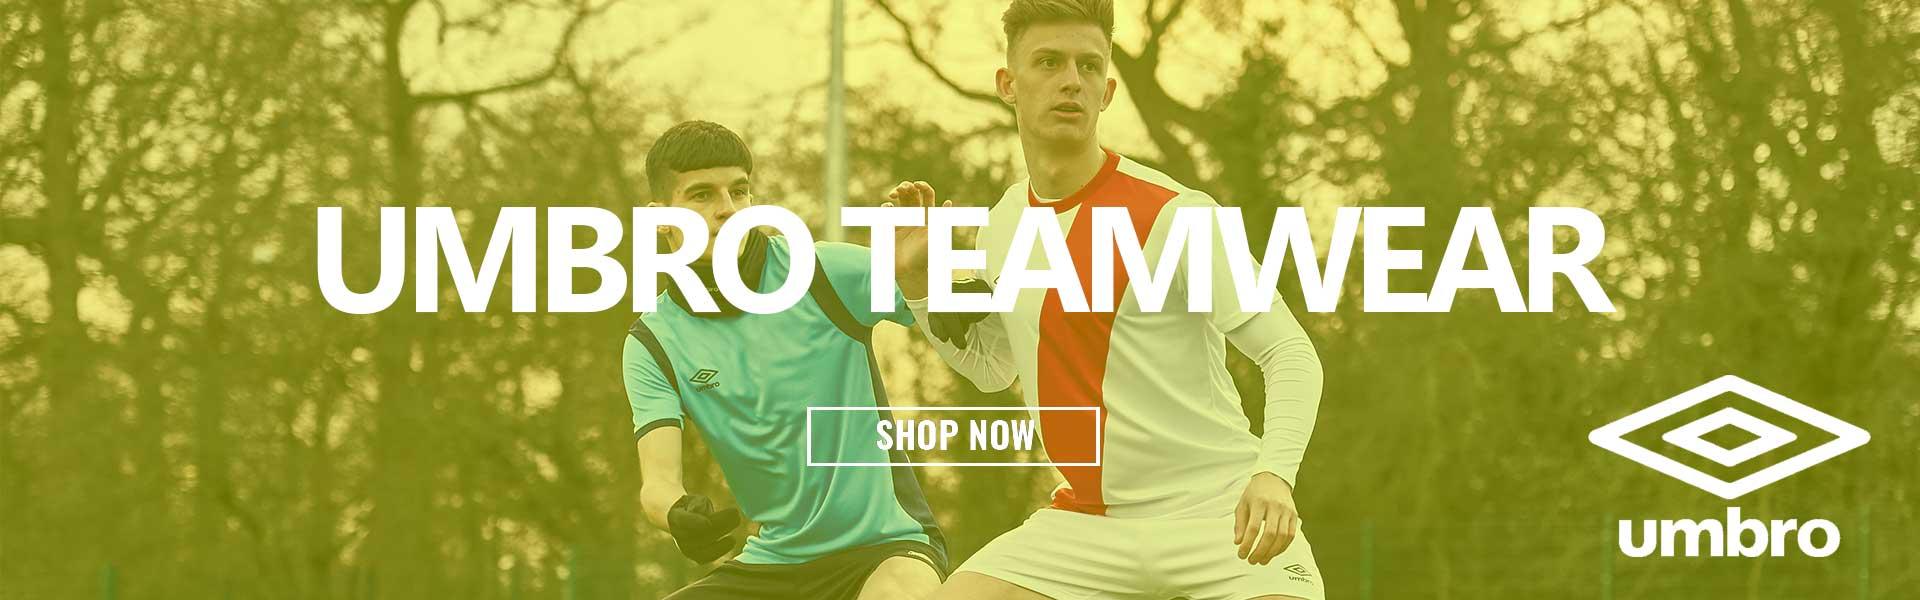 Umbro Teamwear